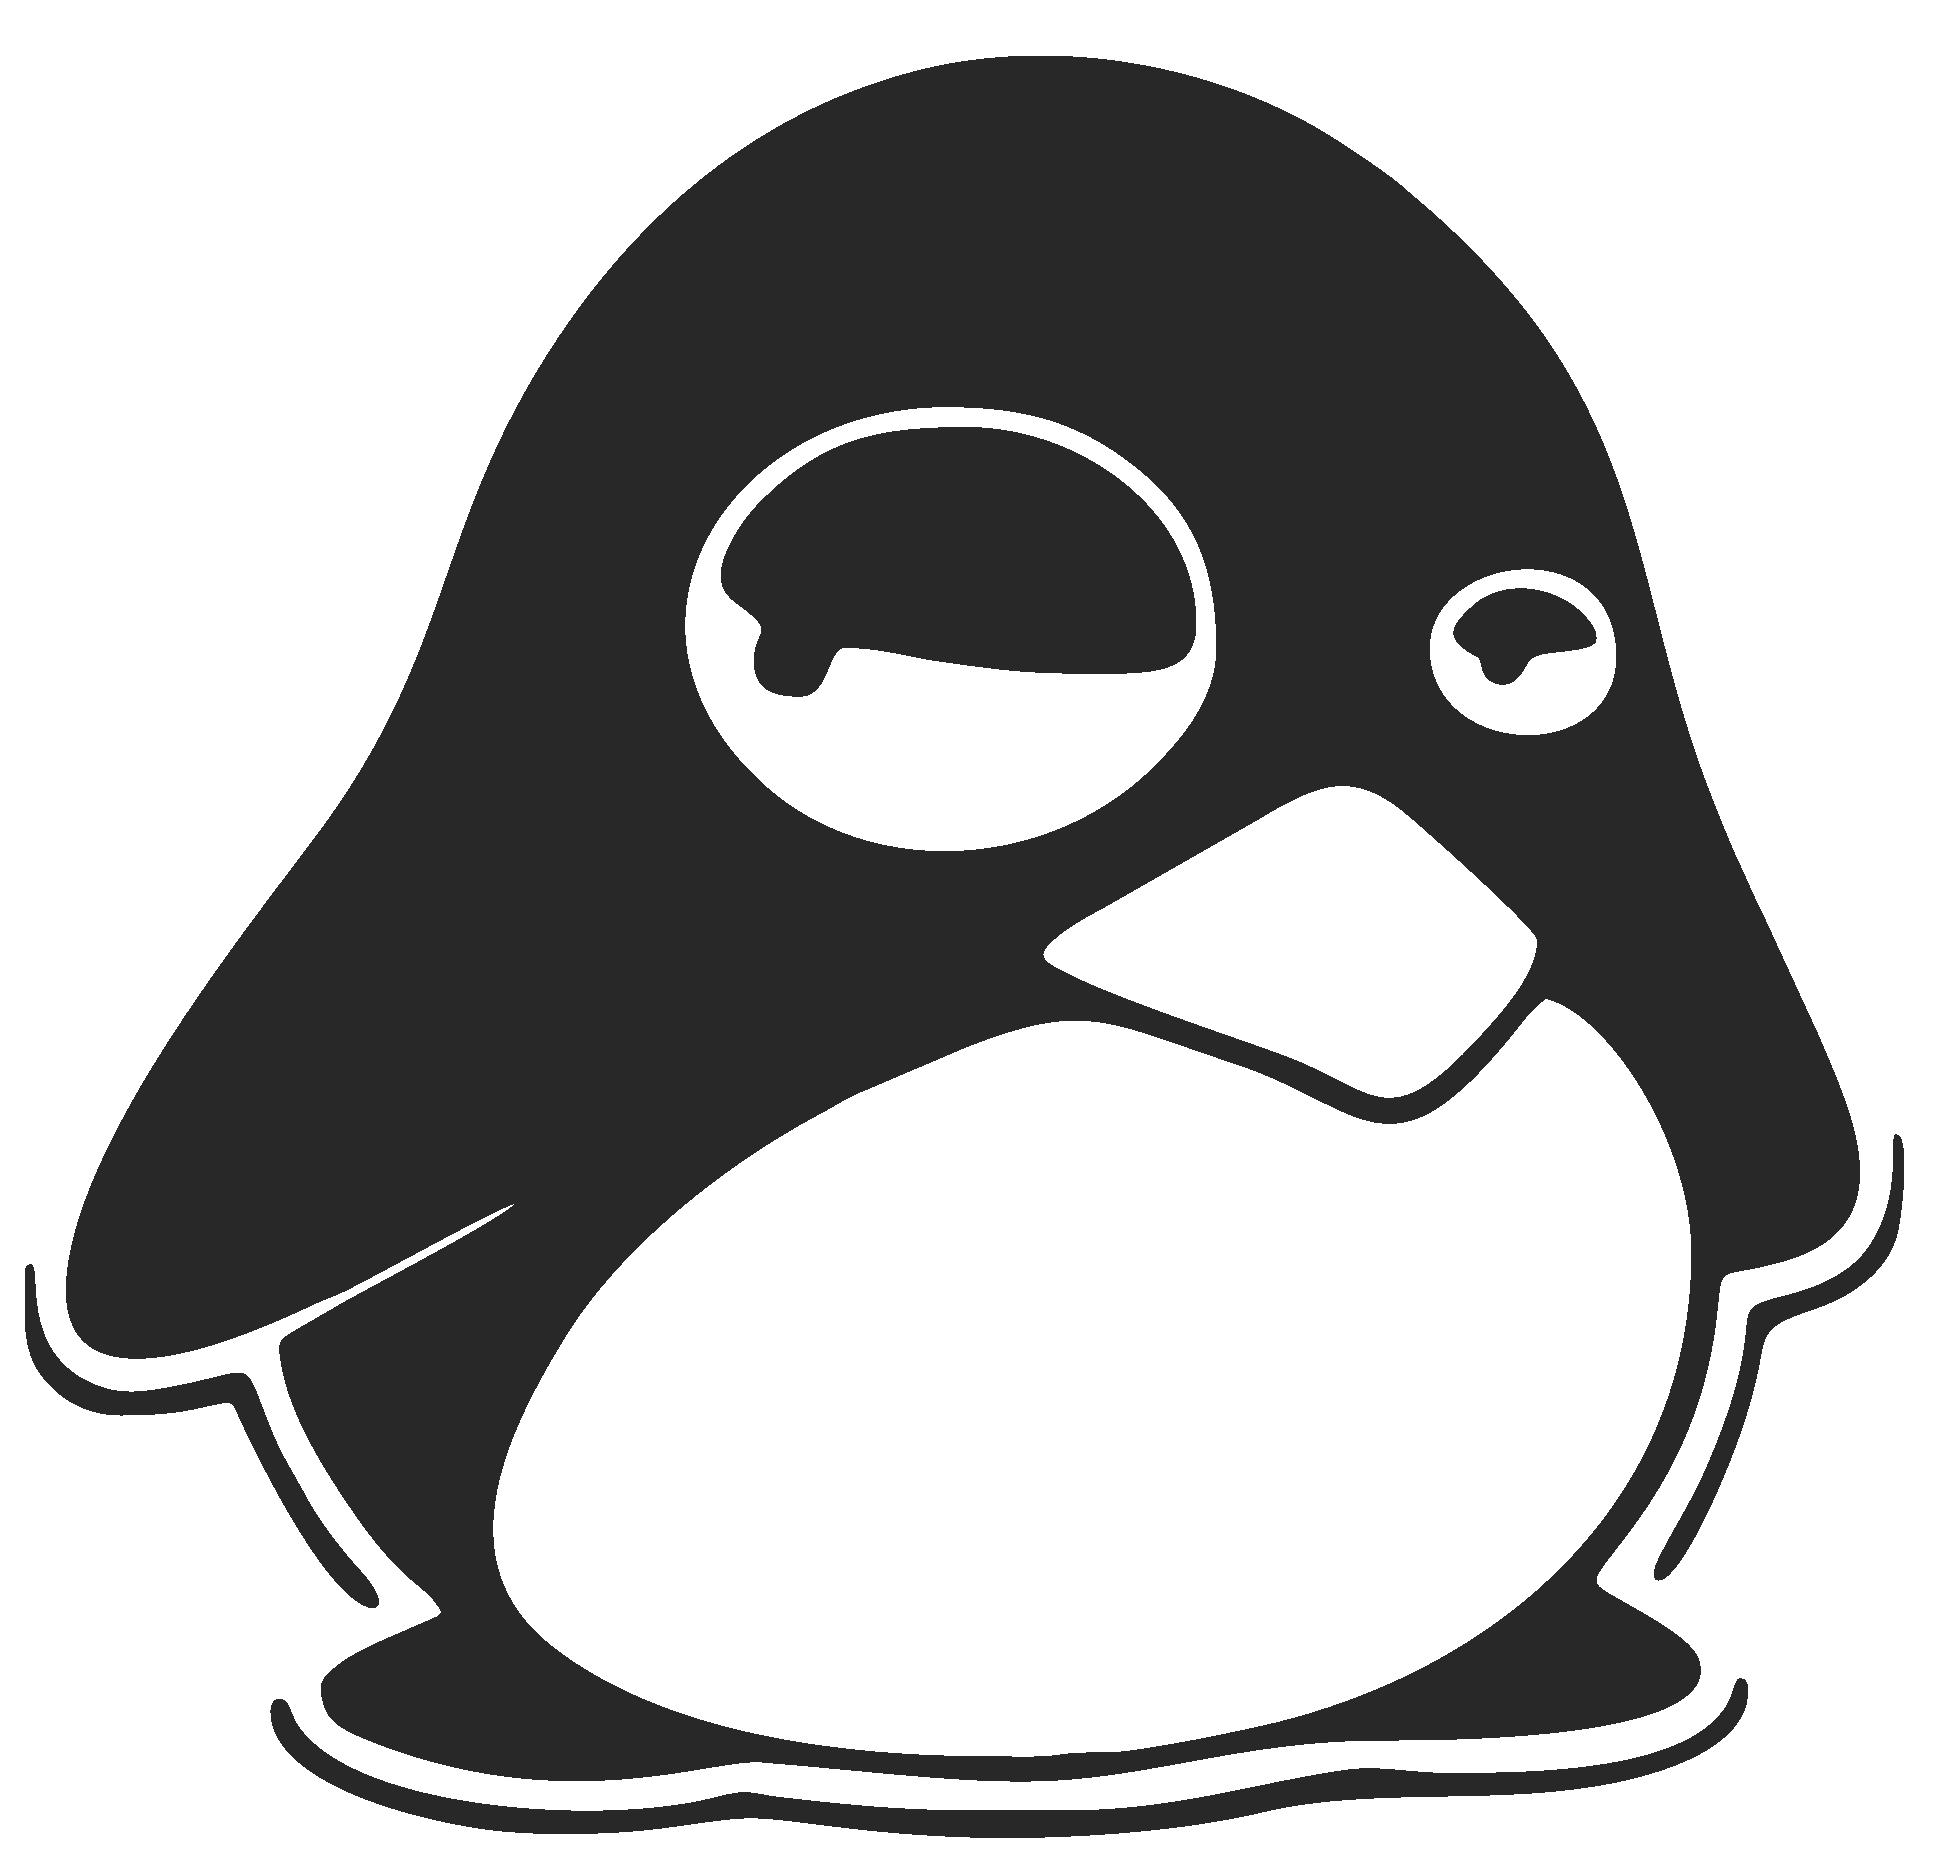 усугубляет пингвины картинки черно белые уровне сервиса